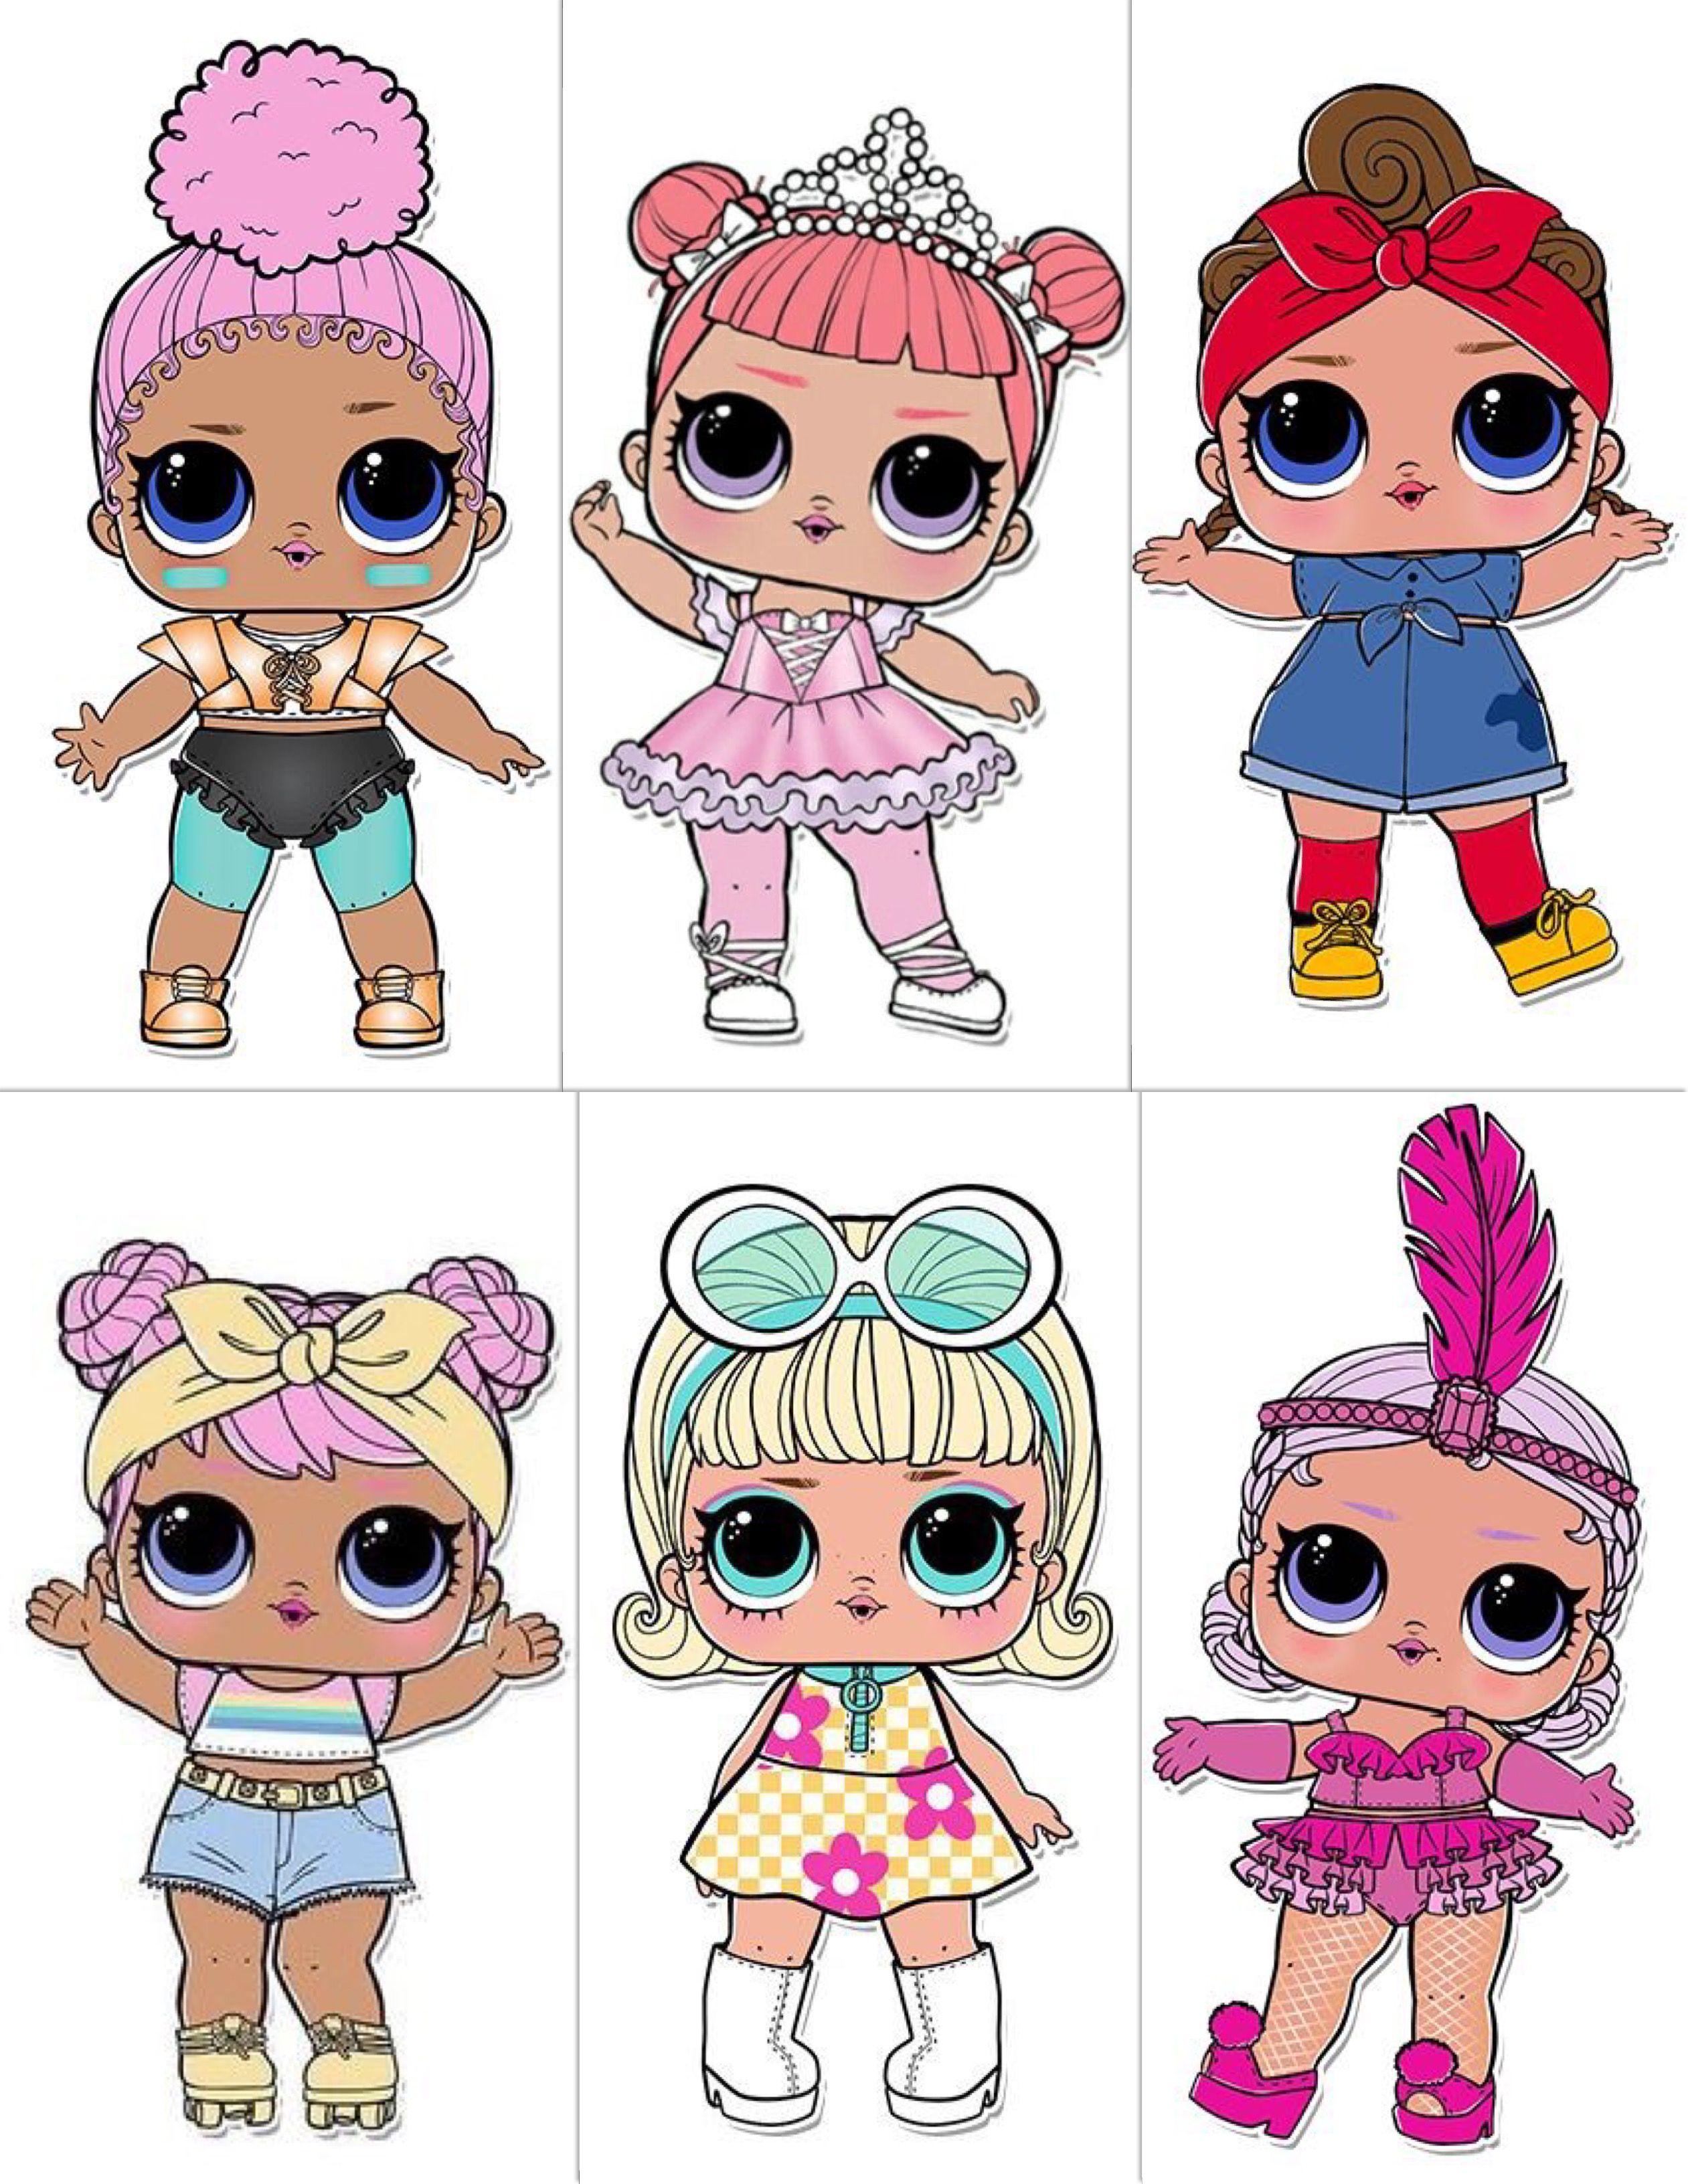 Куклы лол с надписями как их зовут, открытка днем рождения